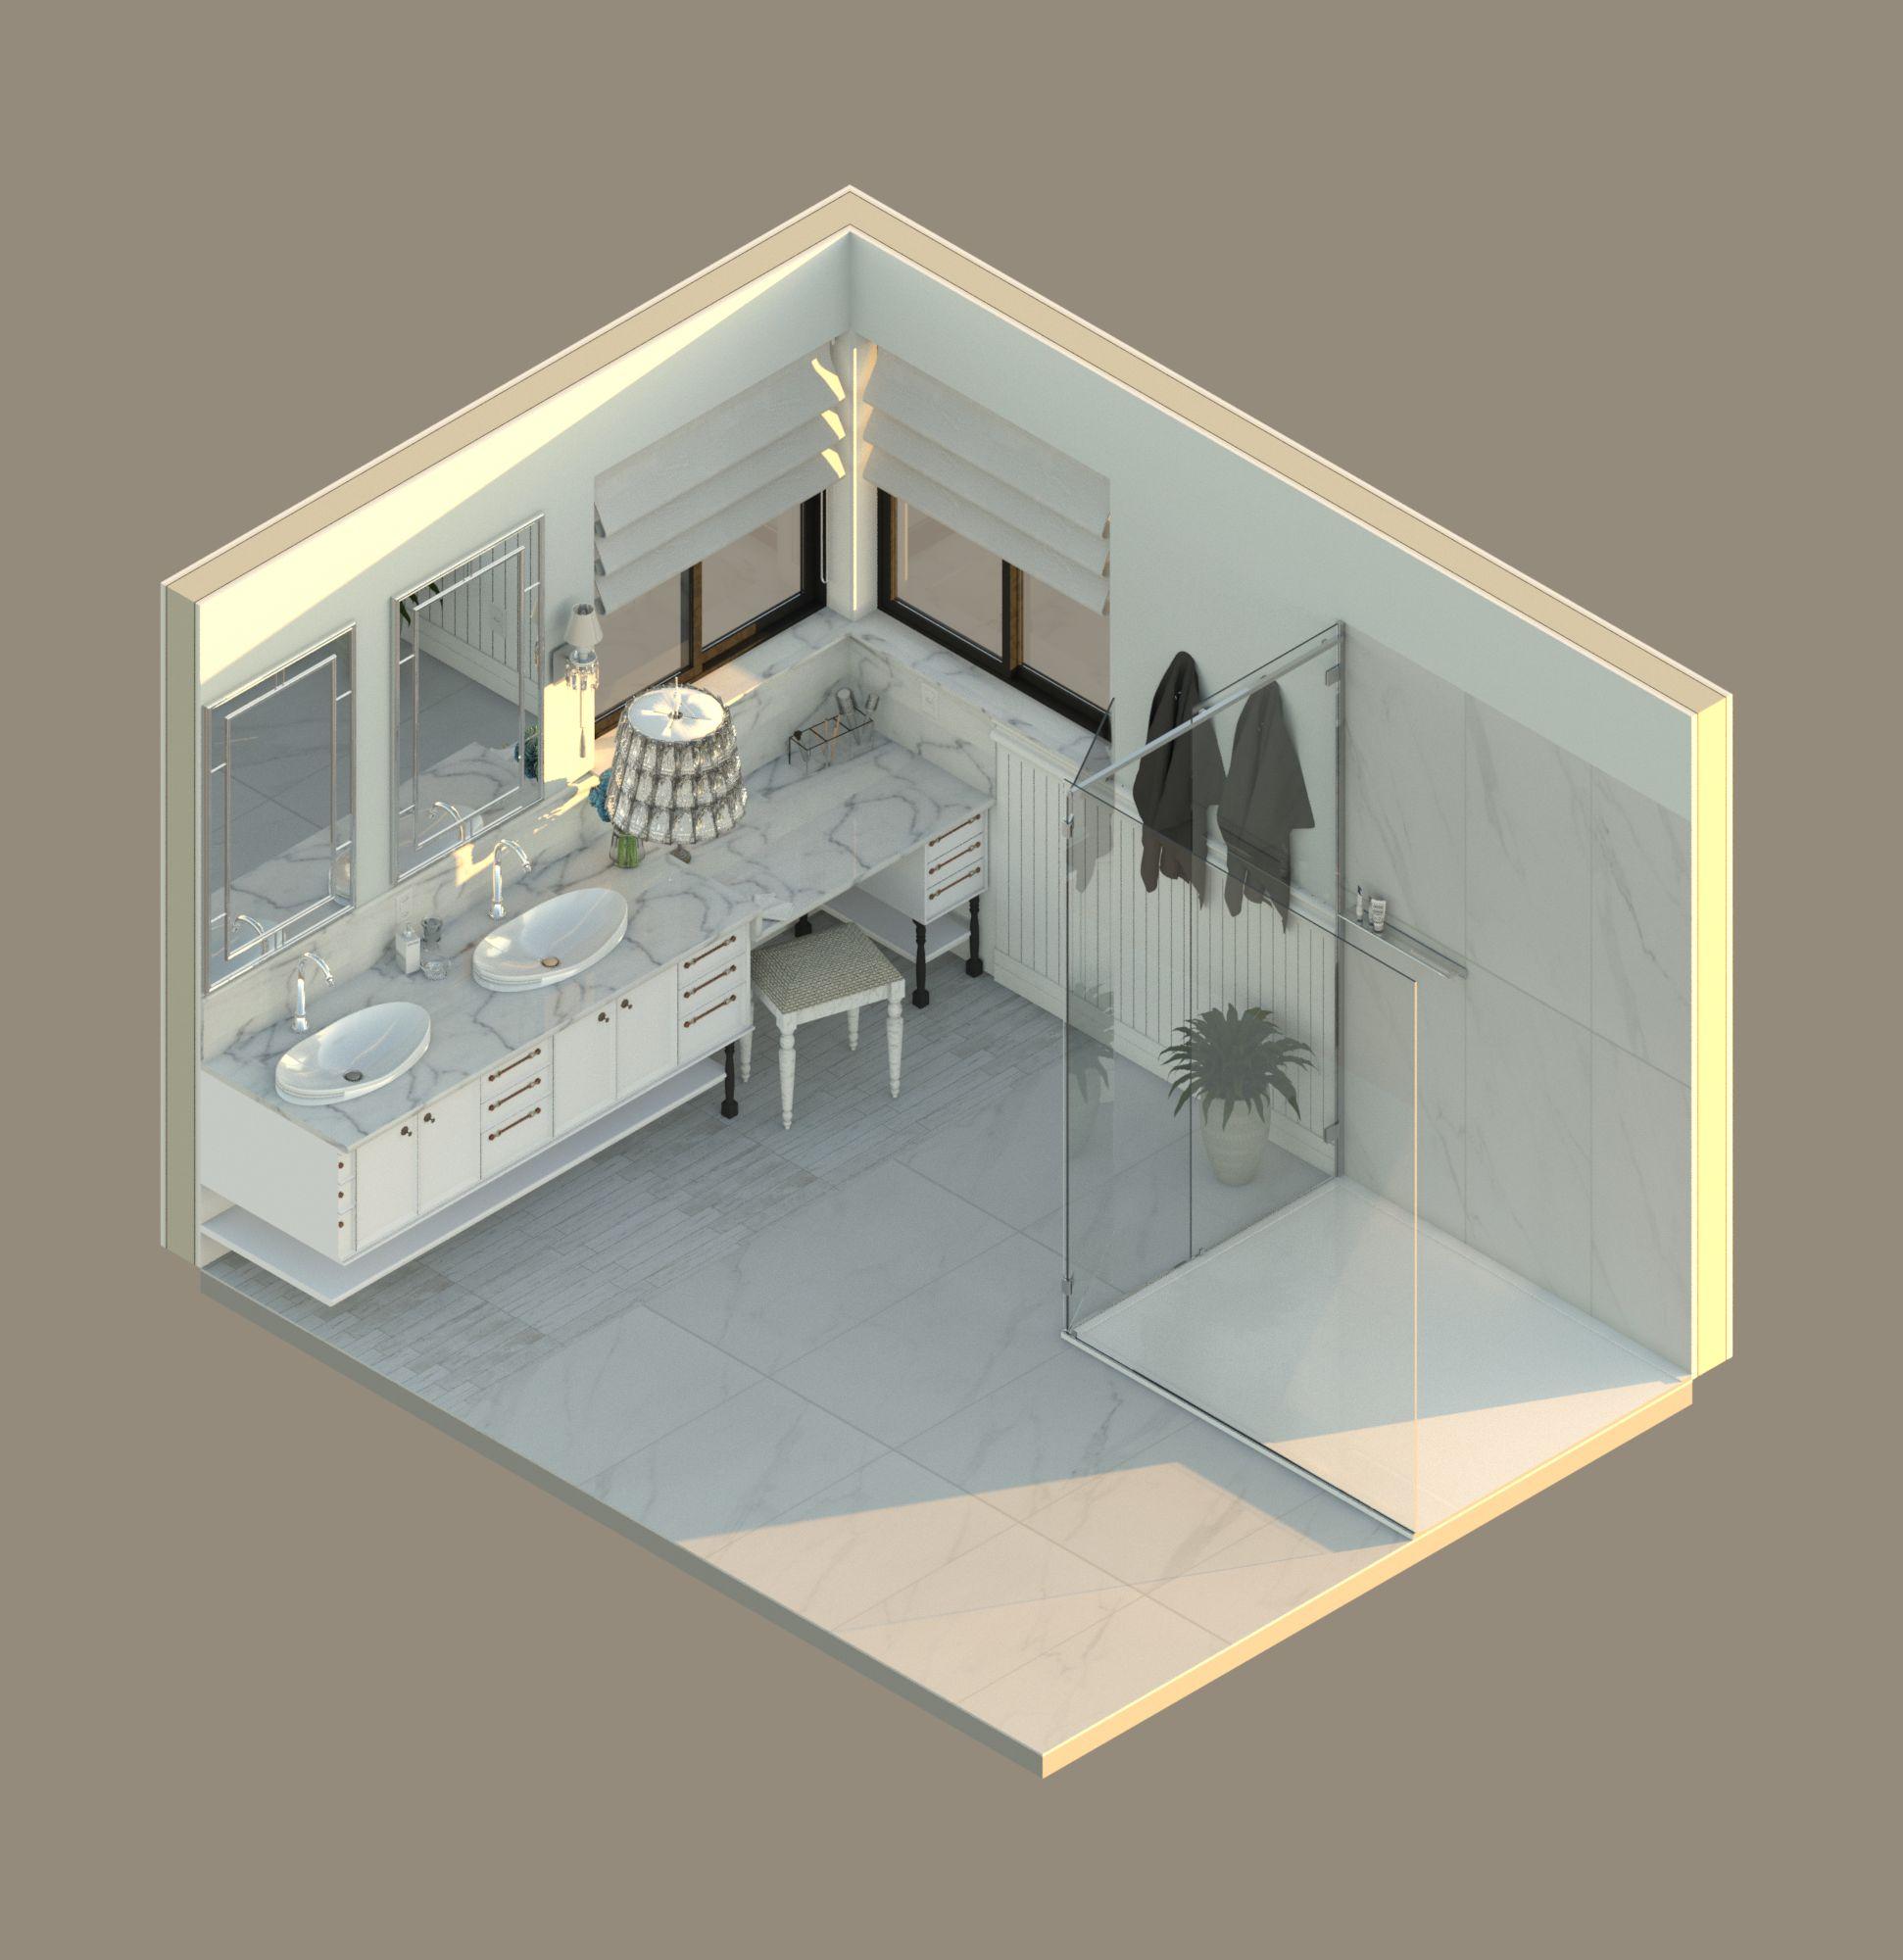 Projeto-boca-raton---alisson-rvt-2018-jul-11-09-36-33pm-000-corte-png-3500-3500